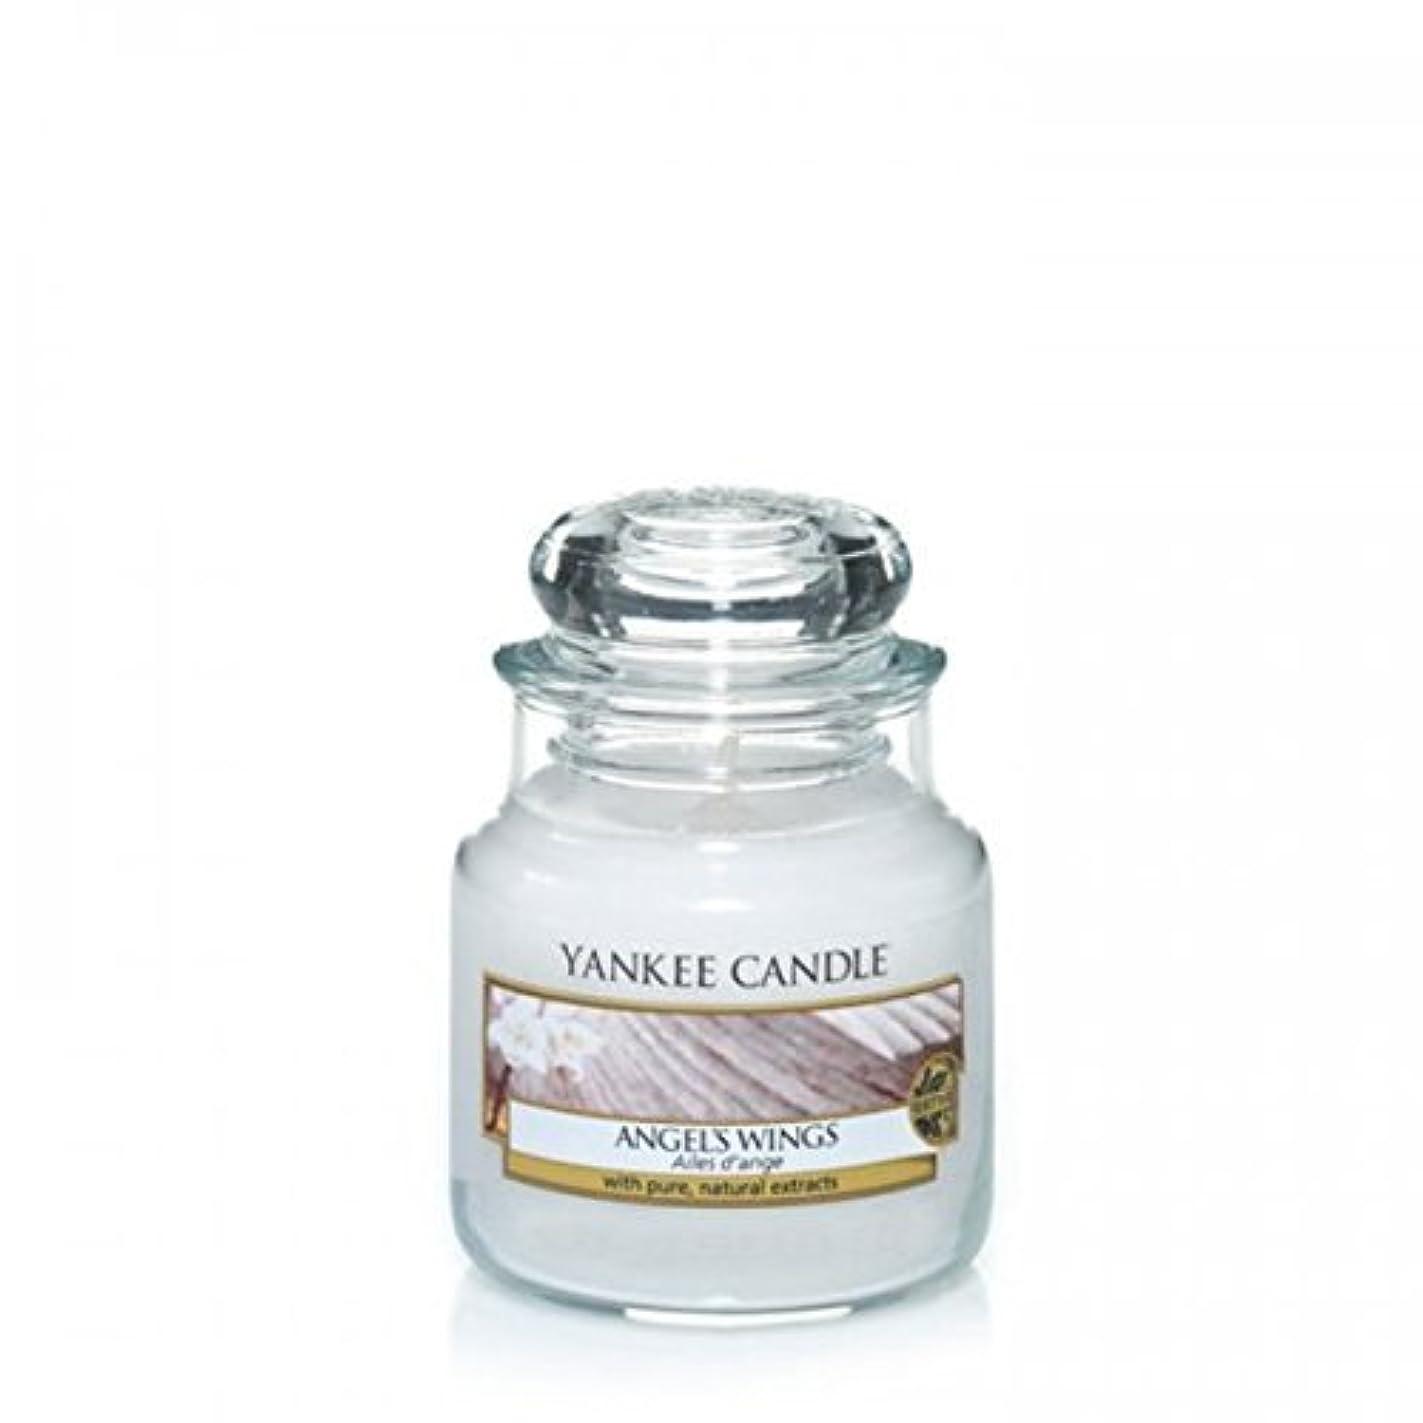 コンデンサードレスうんざりYankee Candle Angels Wings Jar 3.7Oz by Yankee Candle [並行輸入品]